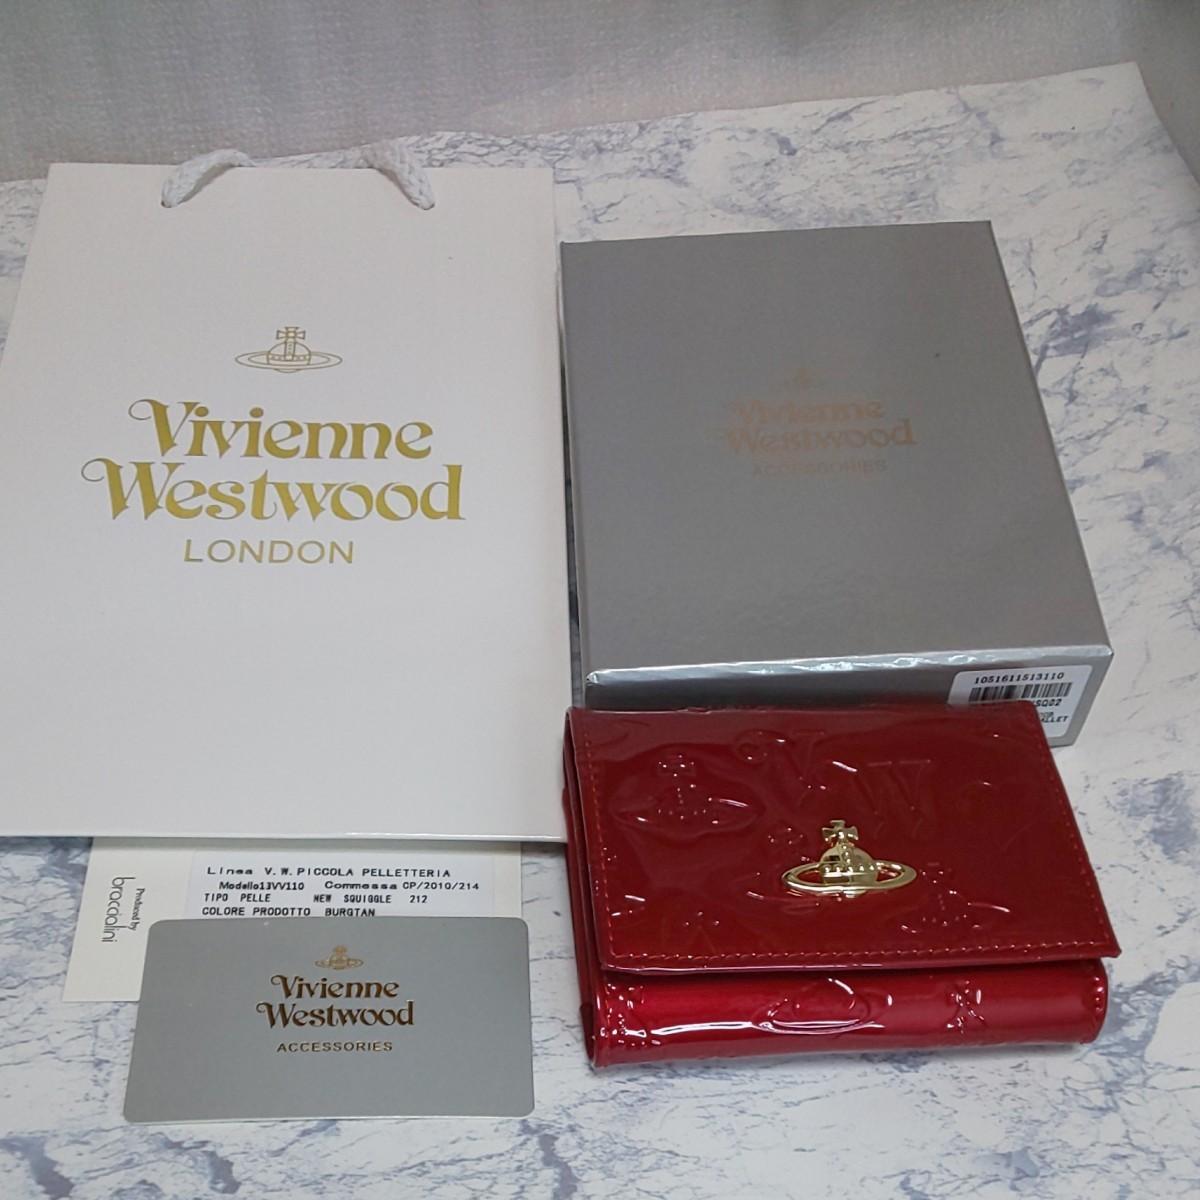 ヴィヴィアン ウエストウッド Vivienne Westwood  3つ折り財布レディース エナメルレッド かわいい財布 新品